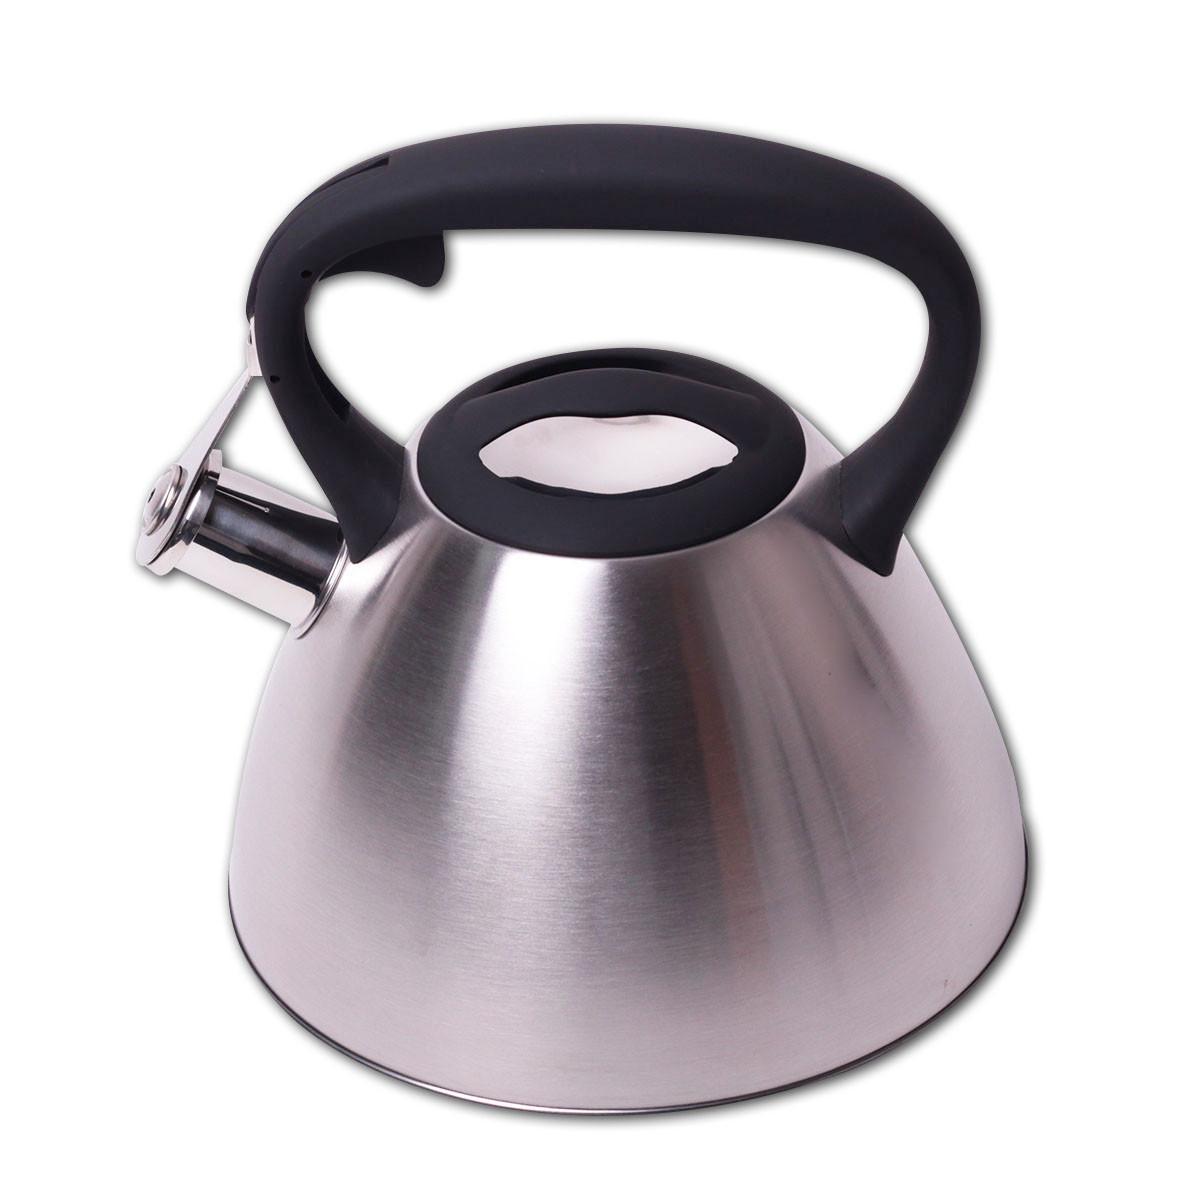 Чайник Kamille 3л из нержавеющей стали со свистком для индукции